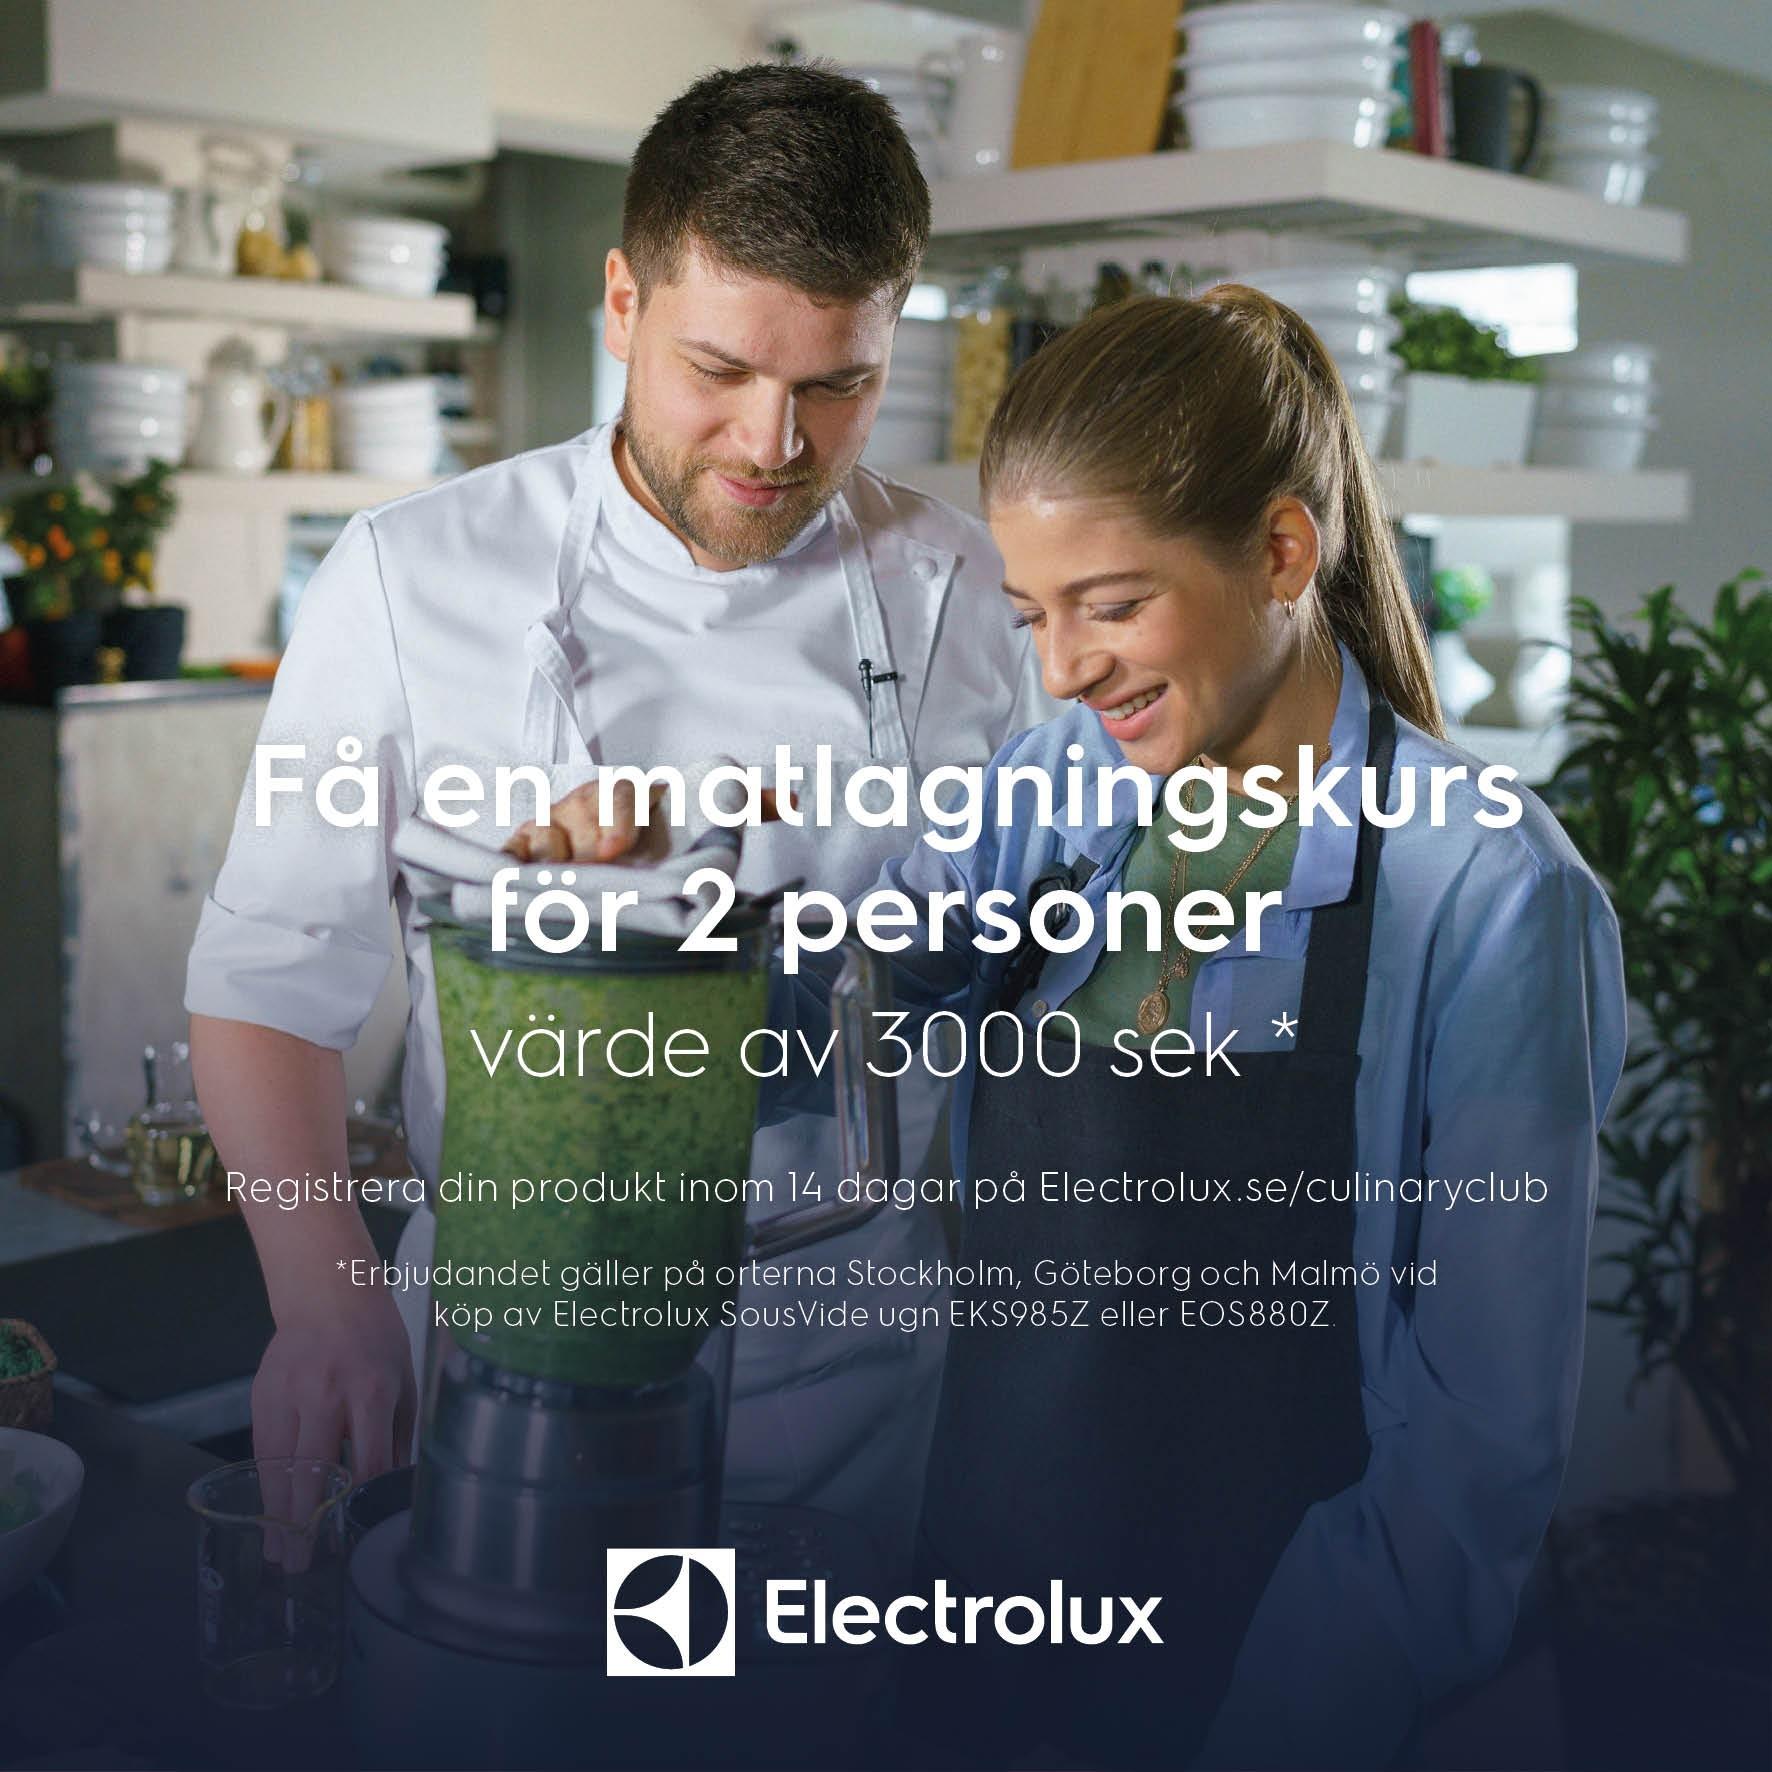 Matlagningskurs på köpet! Värde 3000kr*